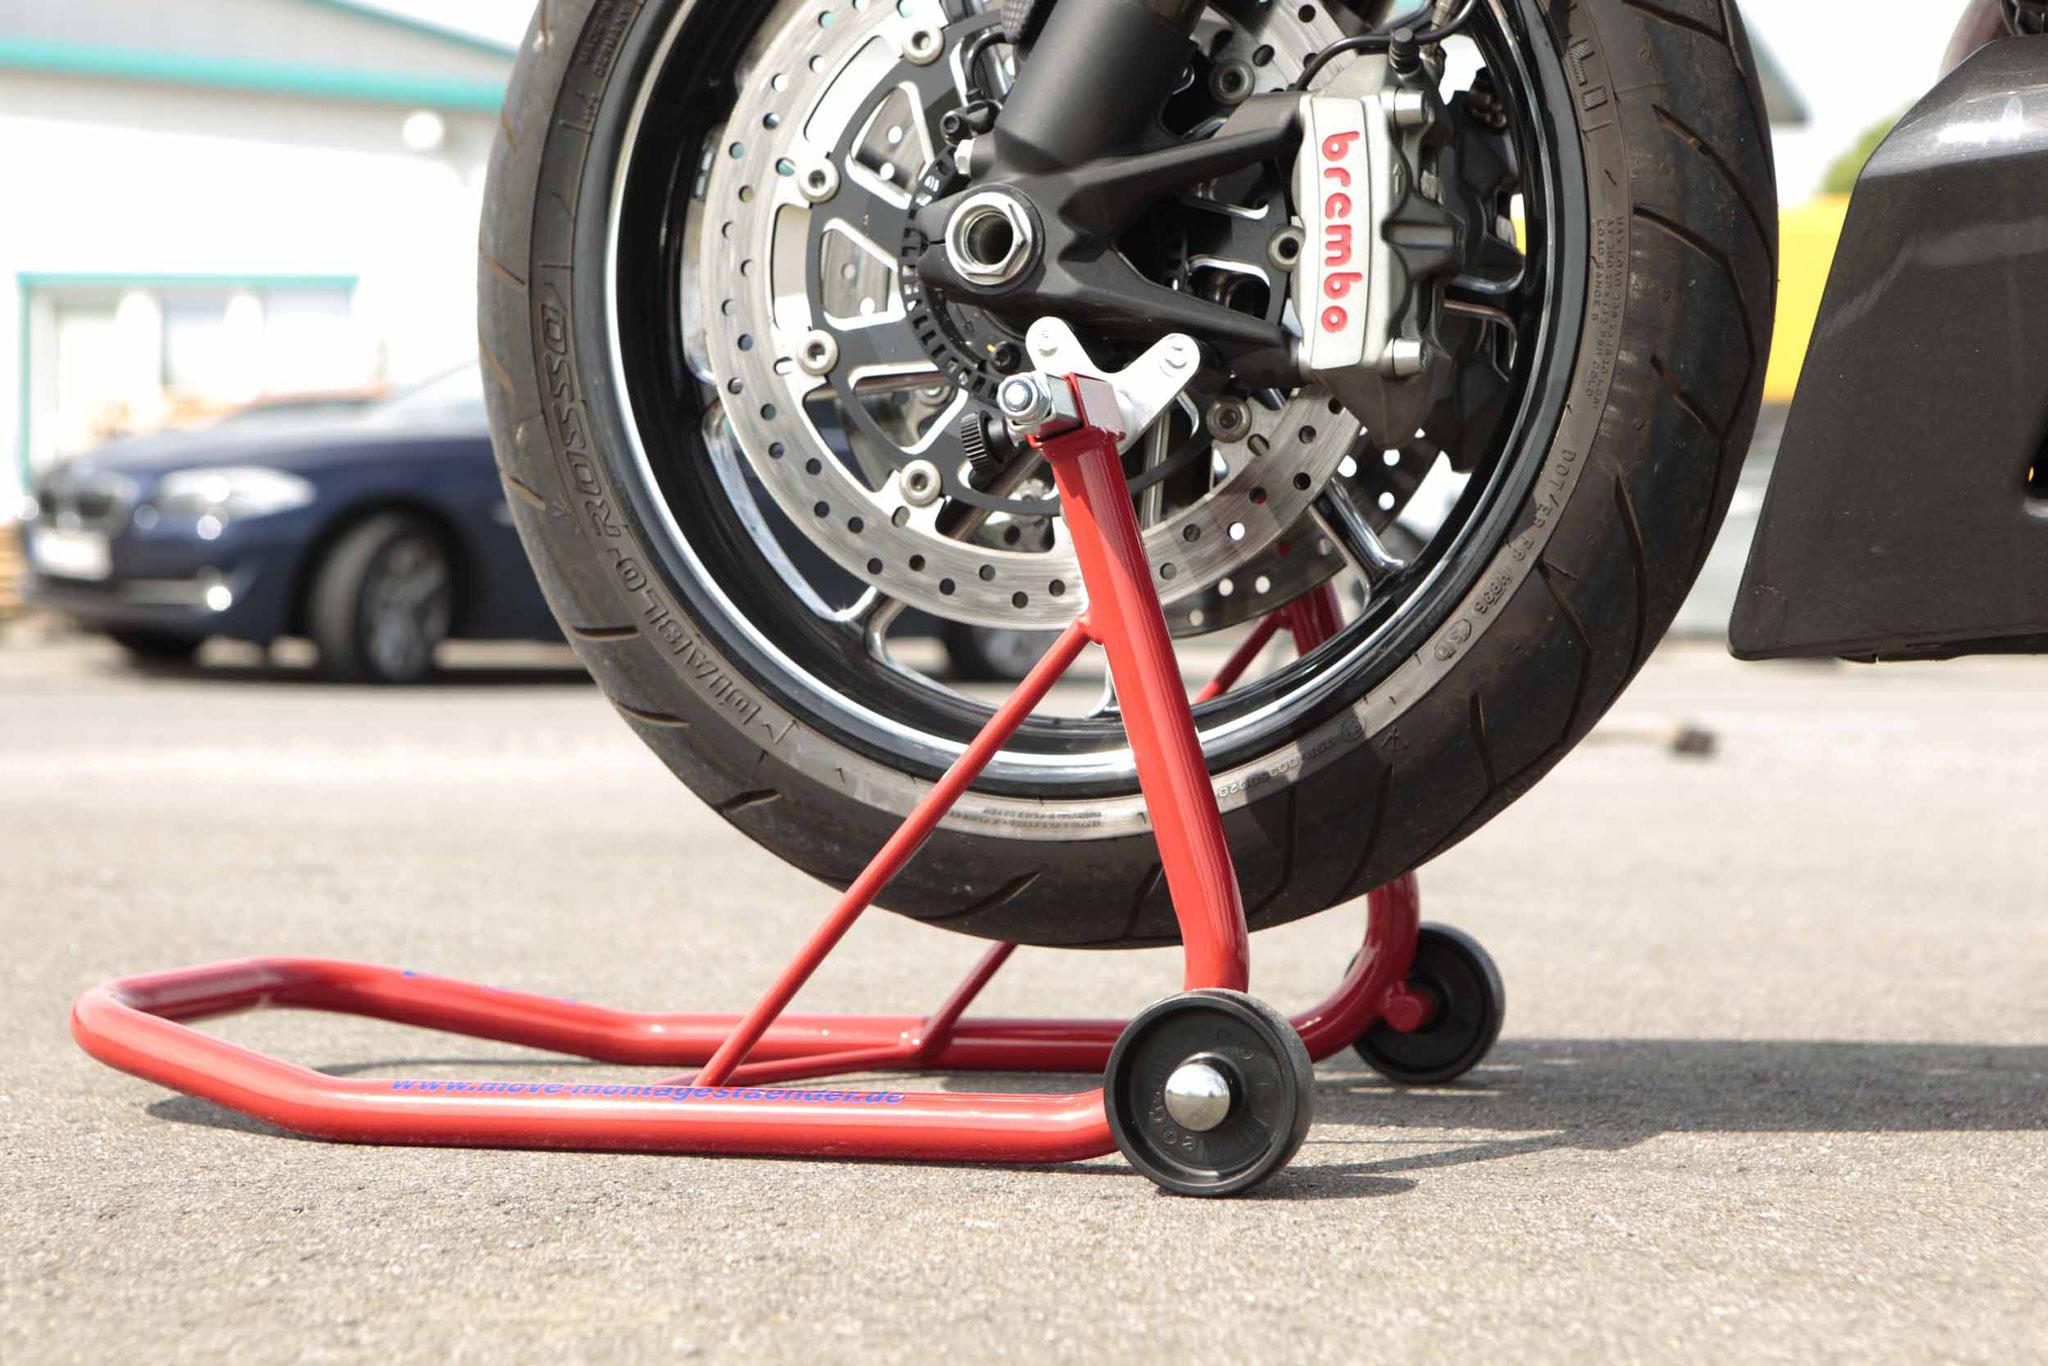 move Frontständer mit Radial-Wippenaufnahmen am Motorrad